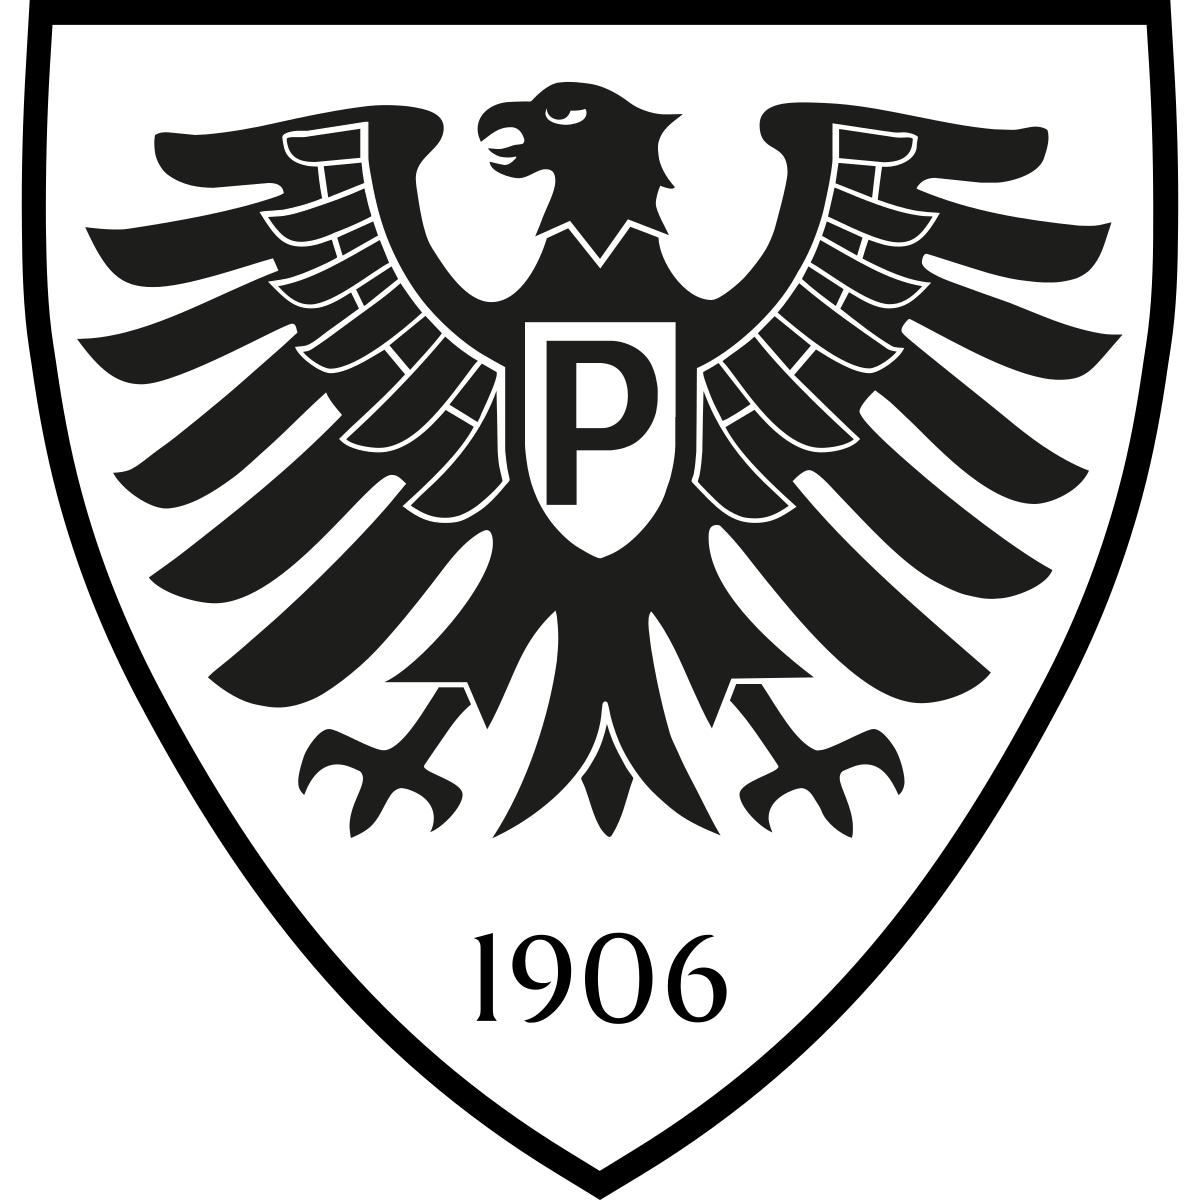 5€ - Stehplatzkarten für Preußen Münster gegen Eintracht Braunschweig